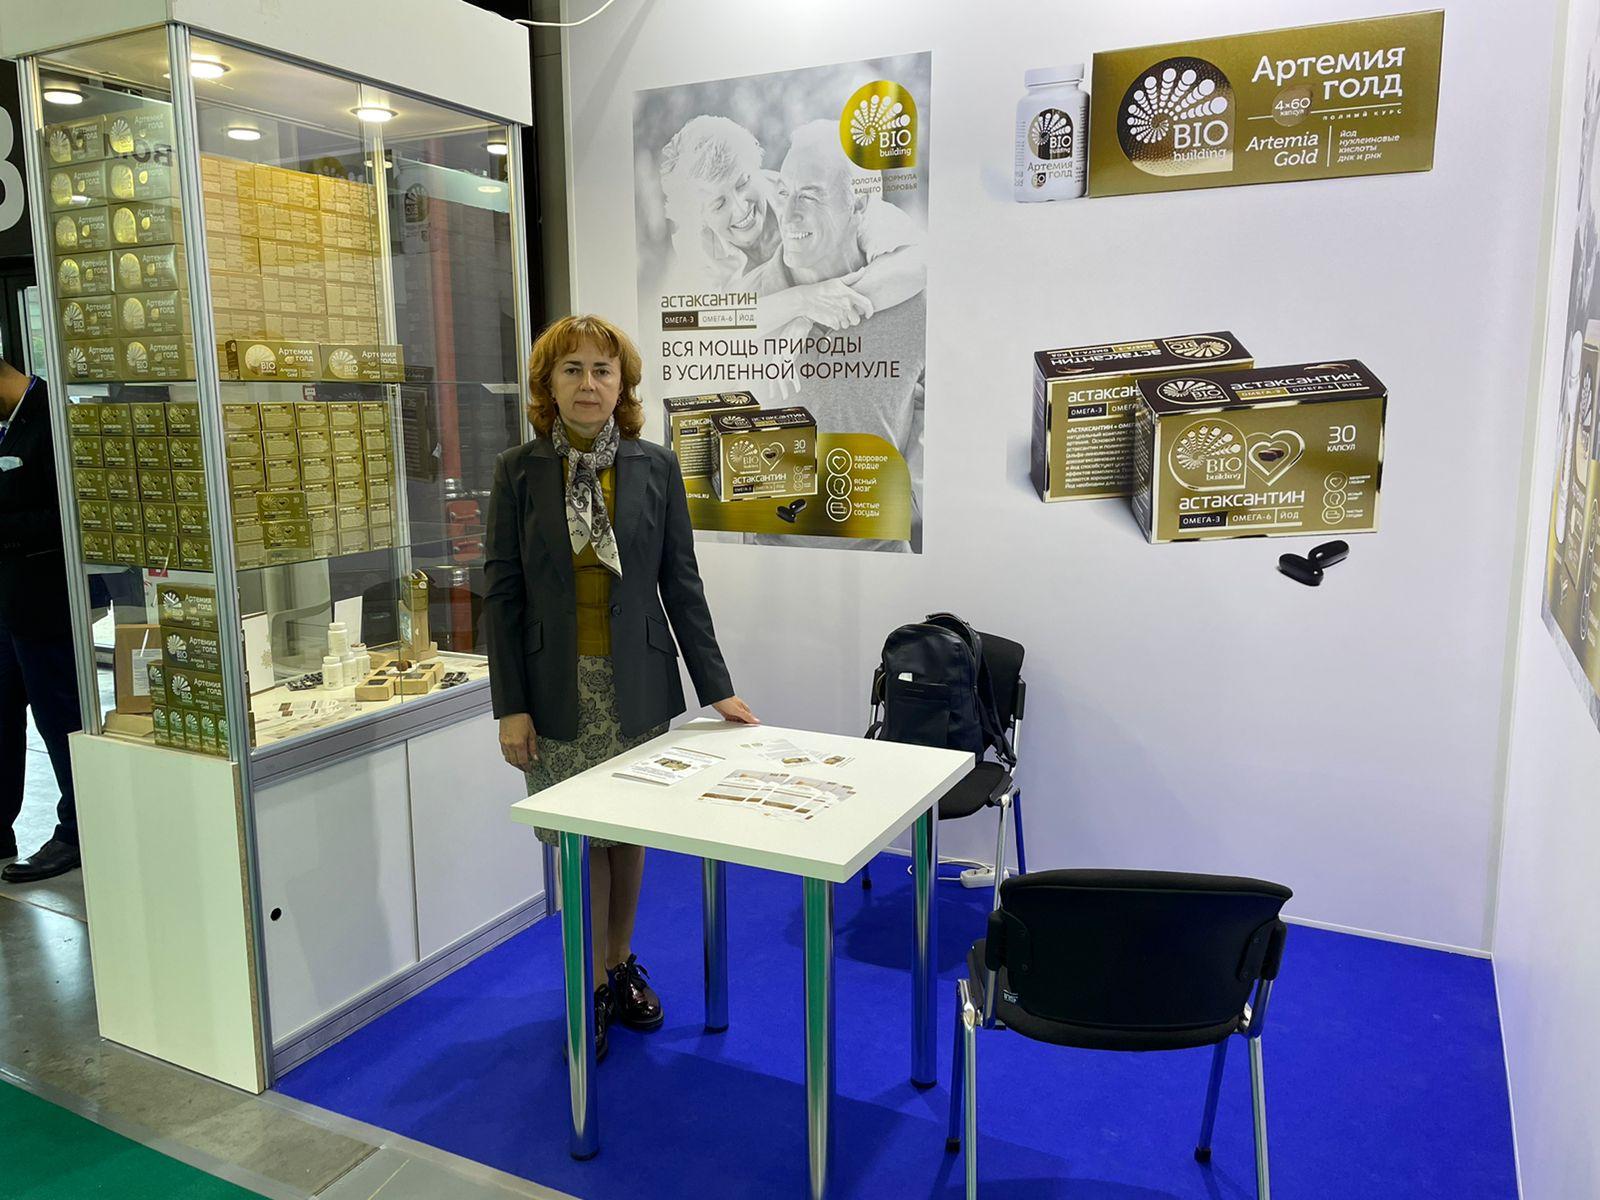 Международный рыбопромышленный форум БИО Билдинг выставка руководитель у стенда